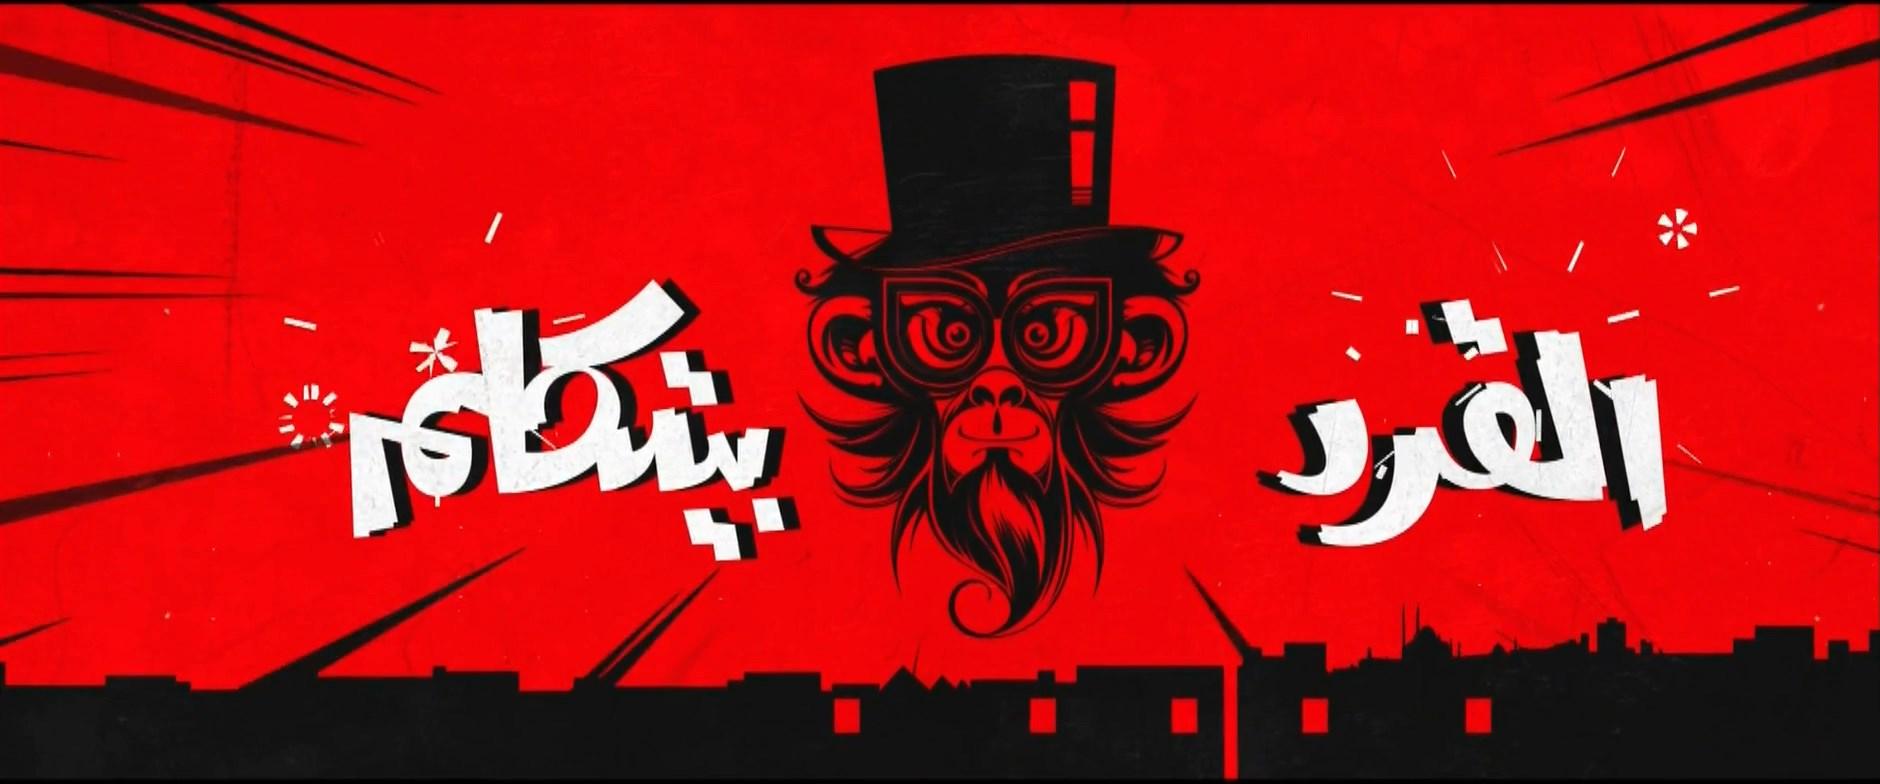 تحميل فيلم القرد بيتكلم HD بطوله احمد الفيشاوي 14991210